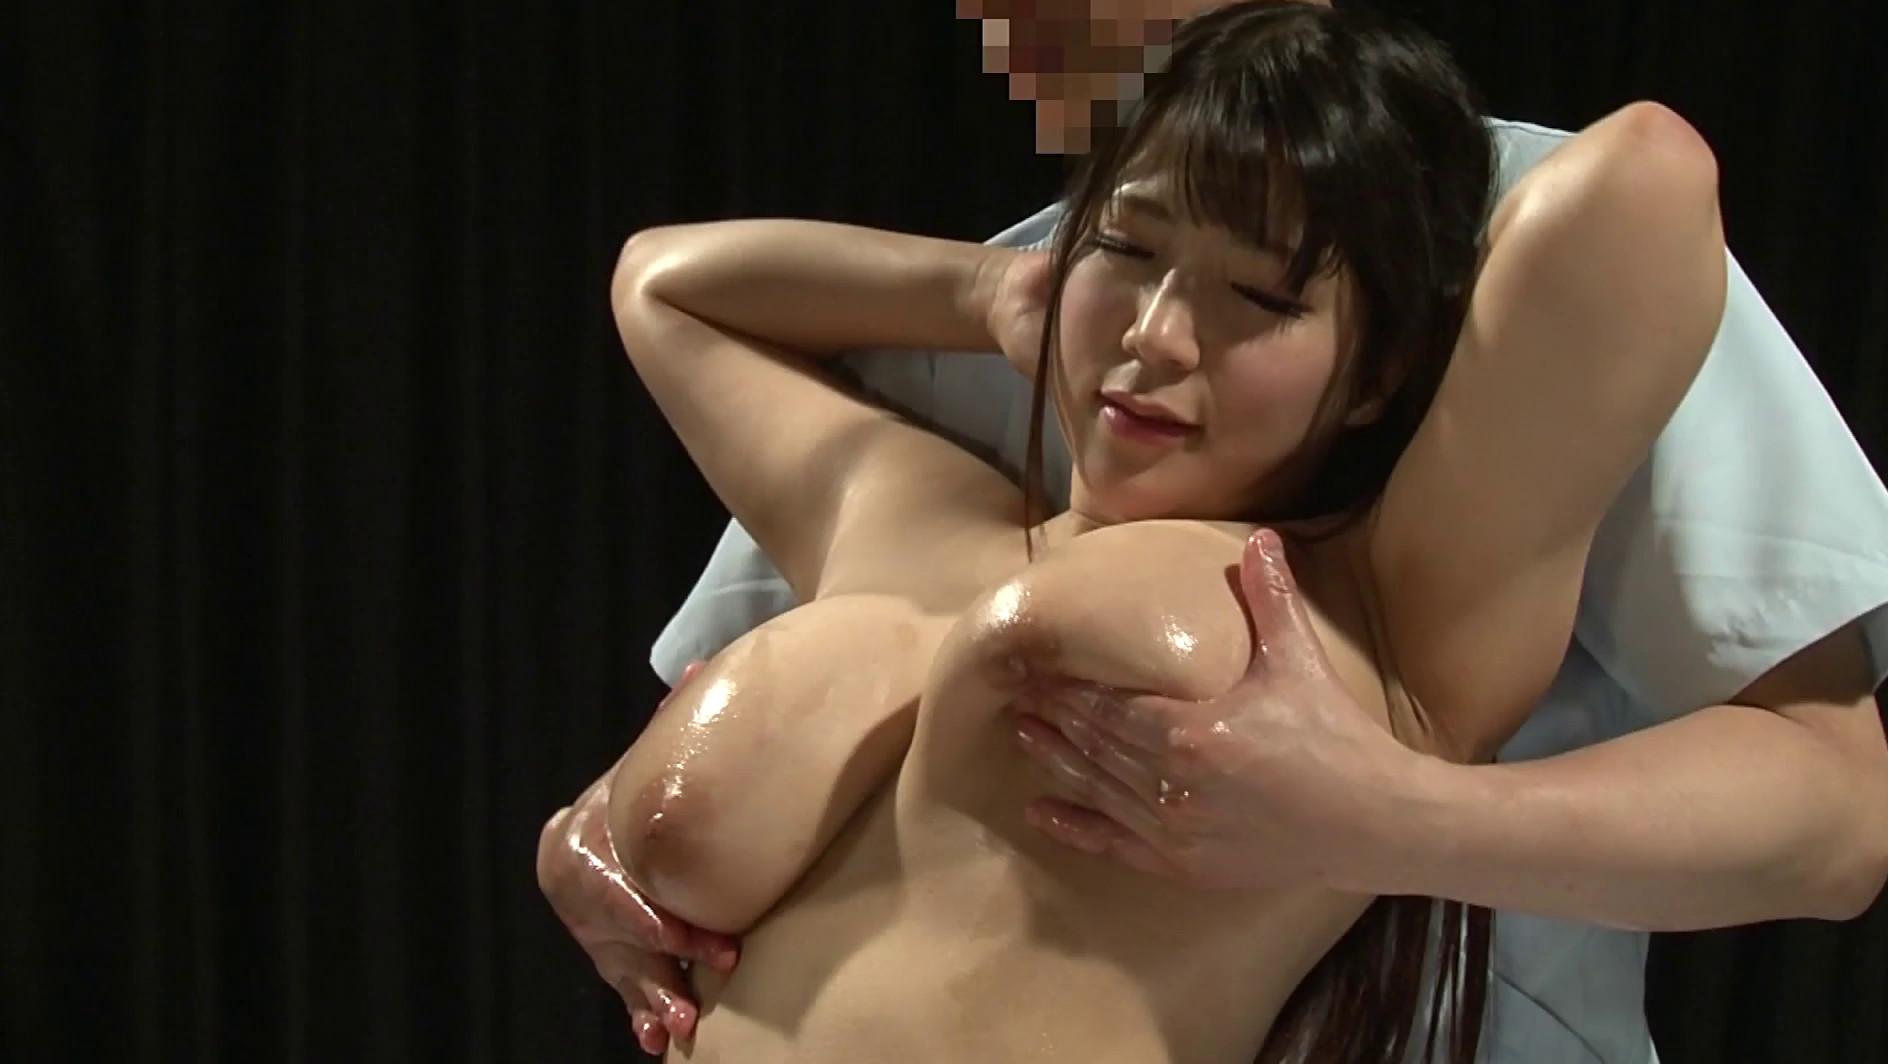 美人女教師を性感マッサージでとことんイカせてみた豪華版(2)